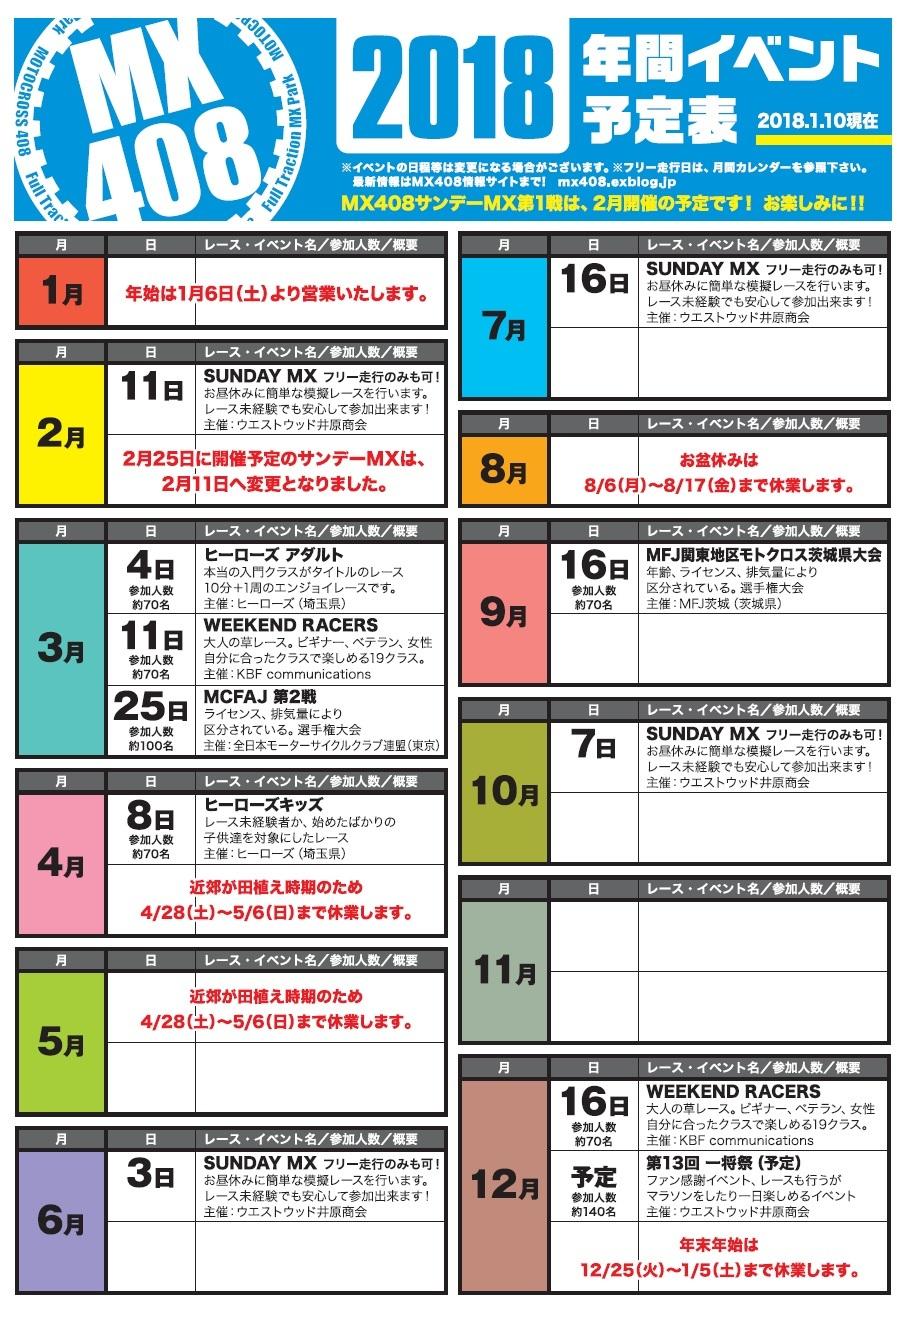 2018年 年間カレンダー_f0158379_10571300.jpg